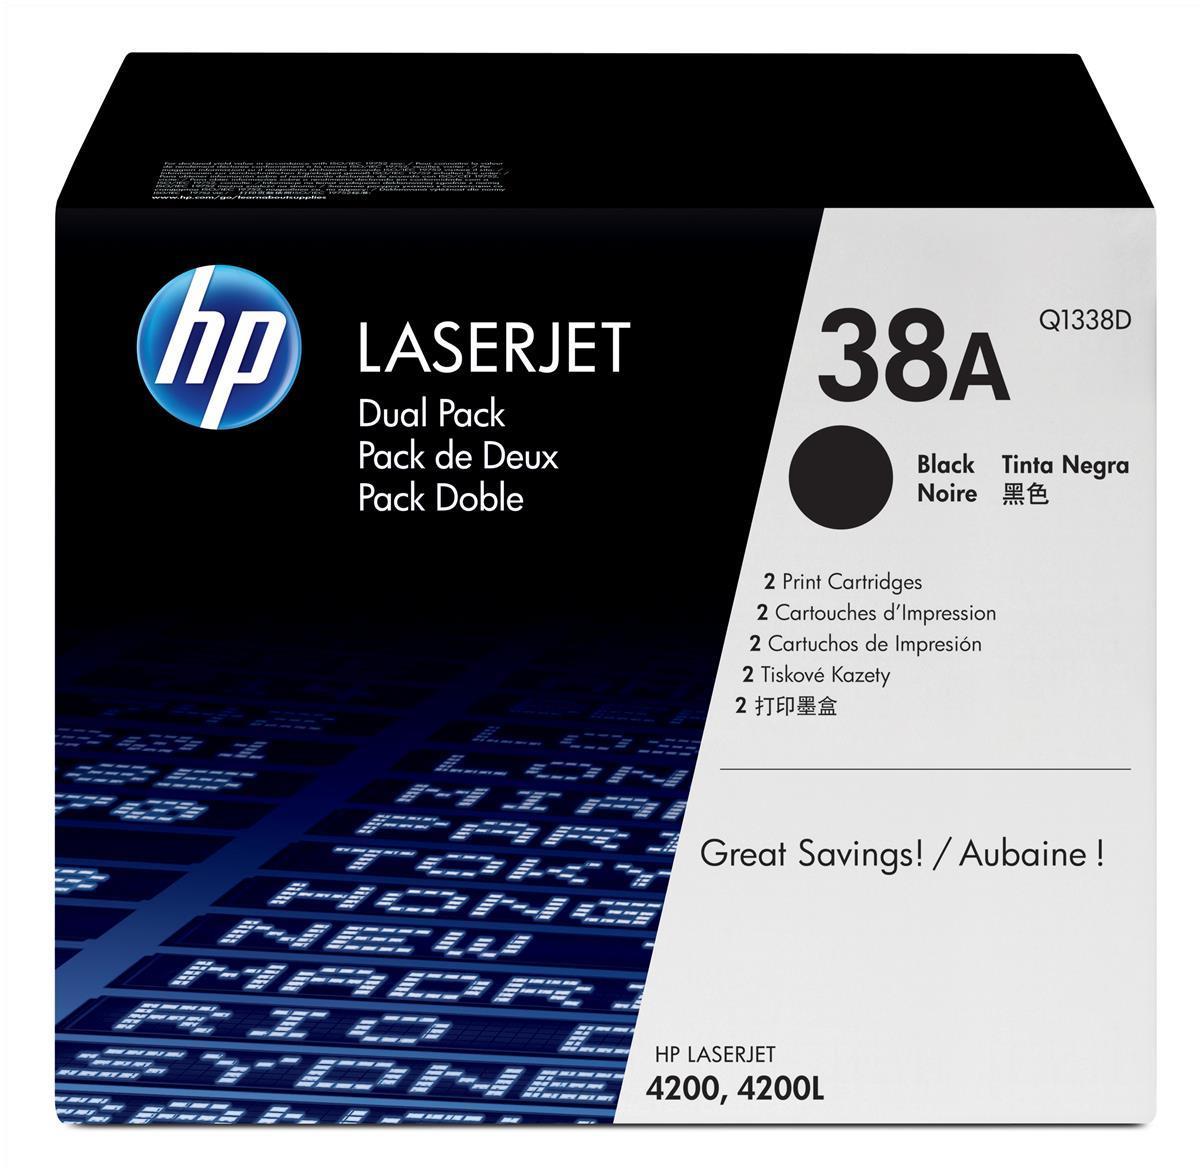 HP No.38A Toner Cartridge Black Twin Pack Code Q1338D